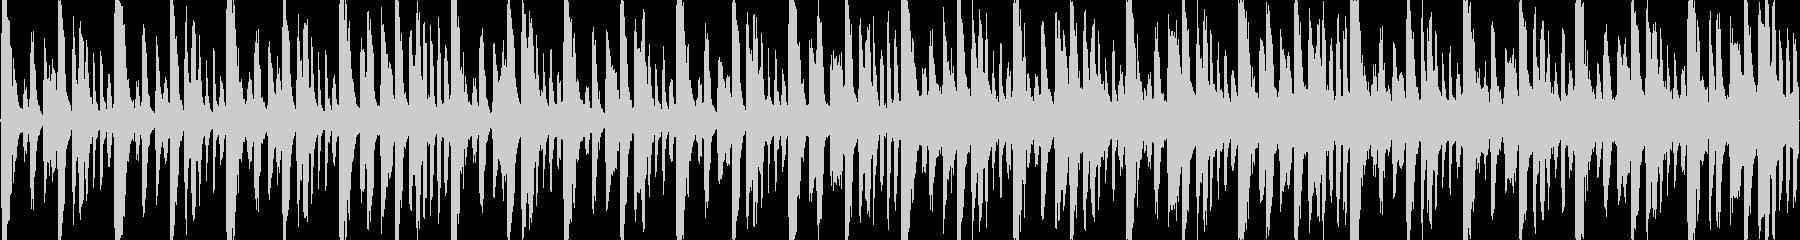 シンセ+ブレイクビーツBGMの未再生の波形